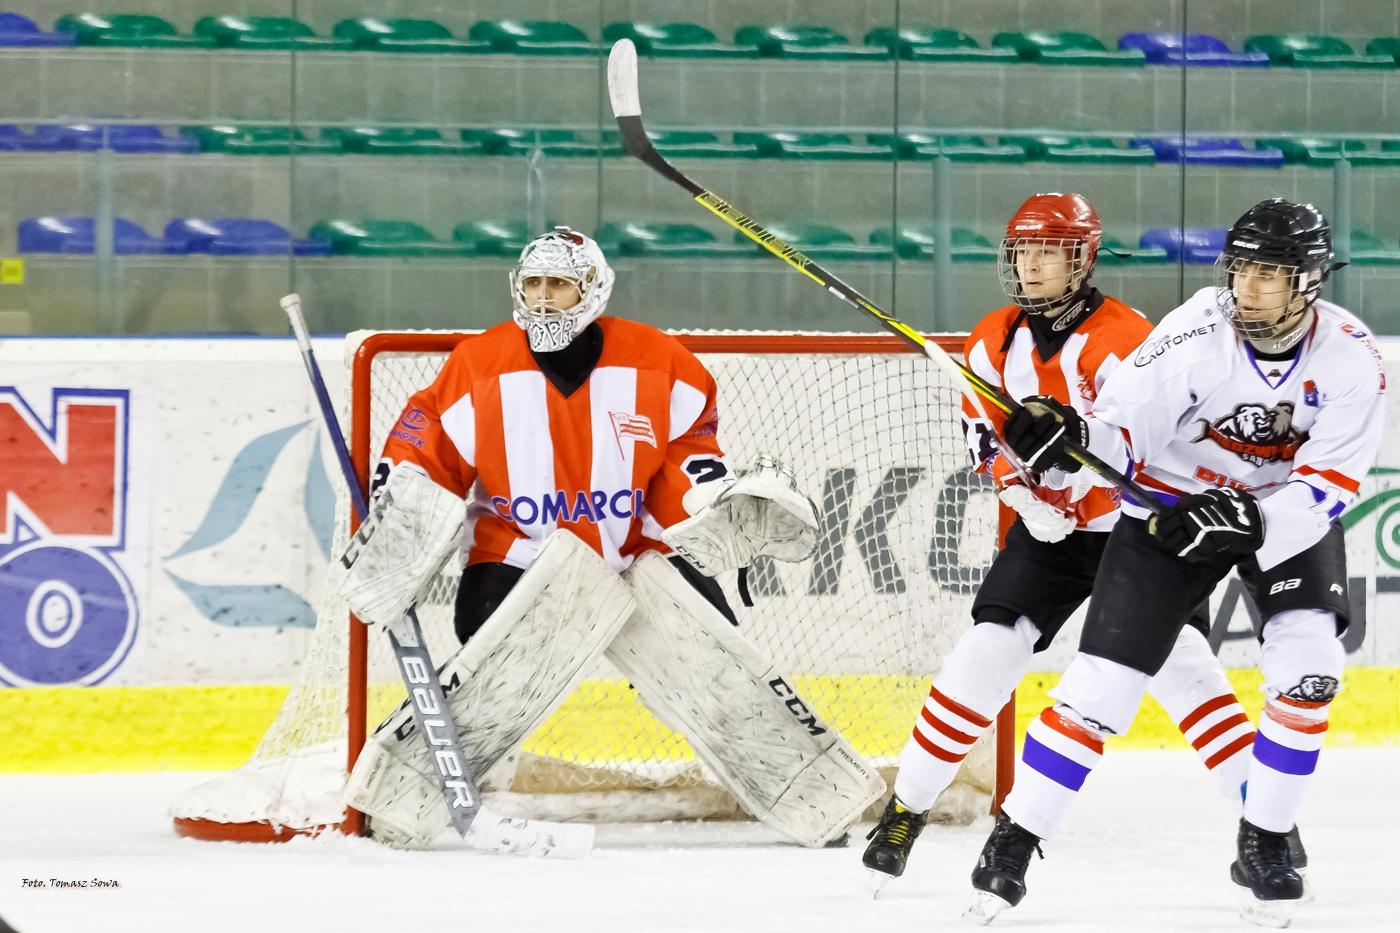 Po raz kolejny zwycięskie w Młodzieżowej Hokej Lidze - Zdjęcie główne